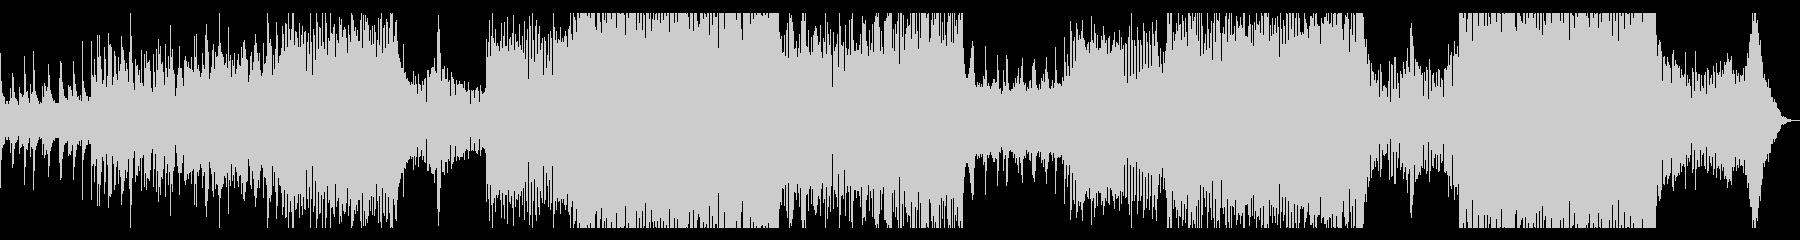 厚いシンセサイザーとピアノのトランスの未再生の波形